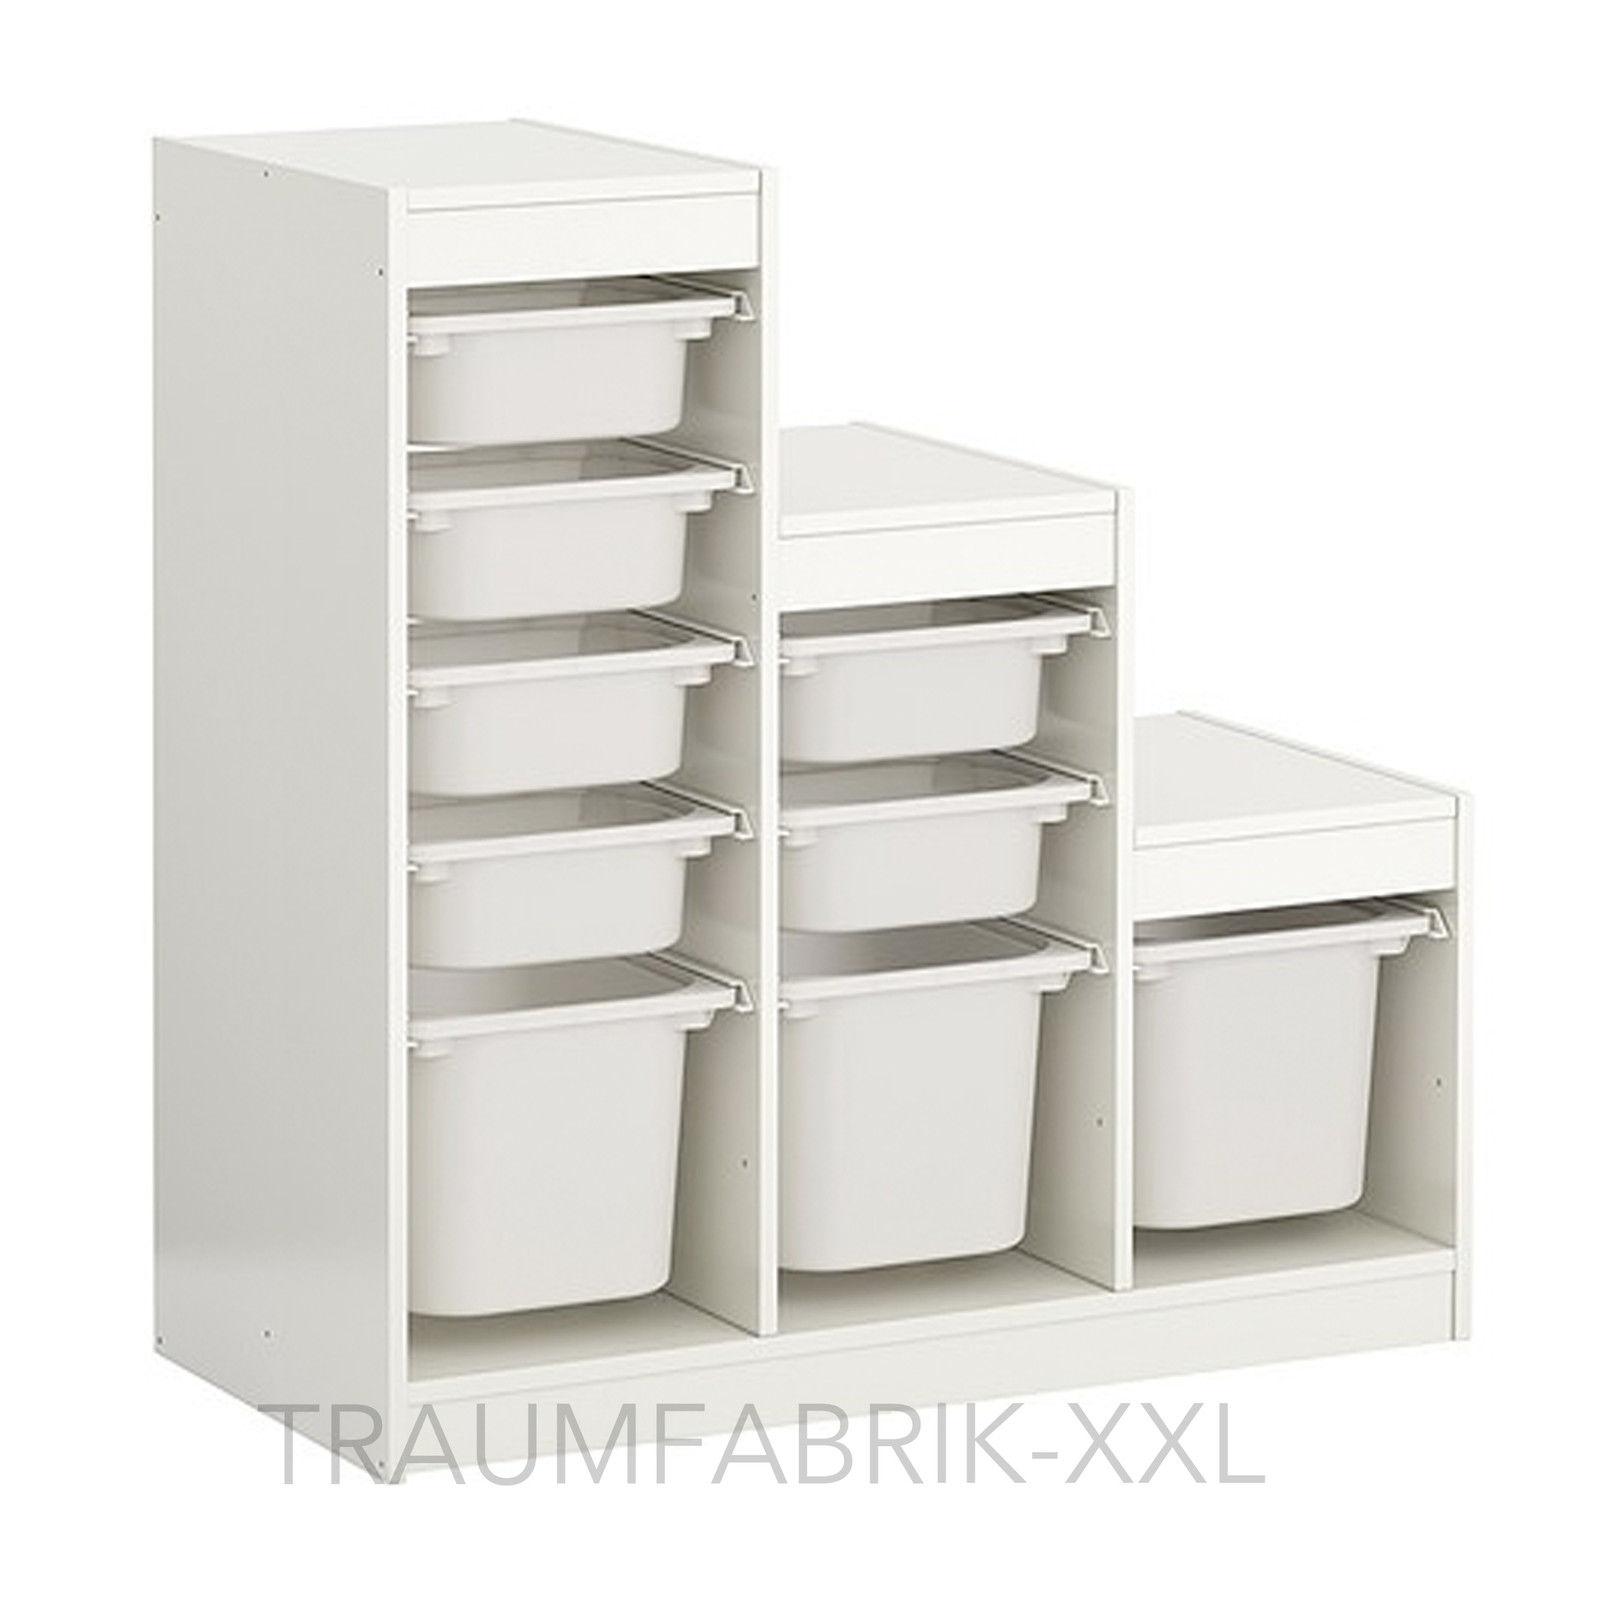 kinderm bel ikea. Black Bedroom Furniture Sets. Home Design Ideas